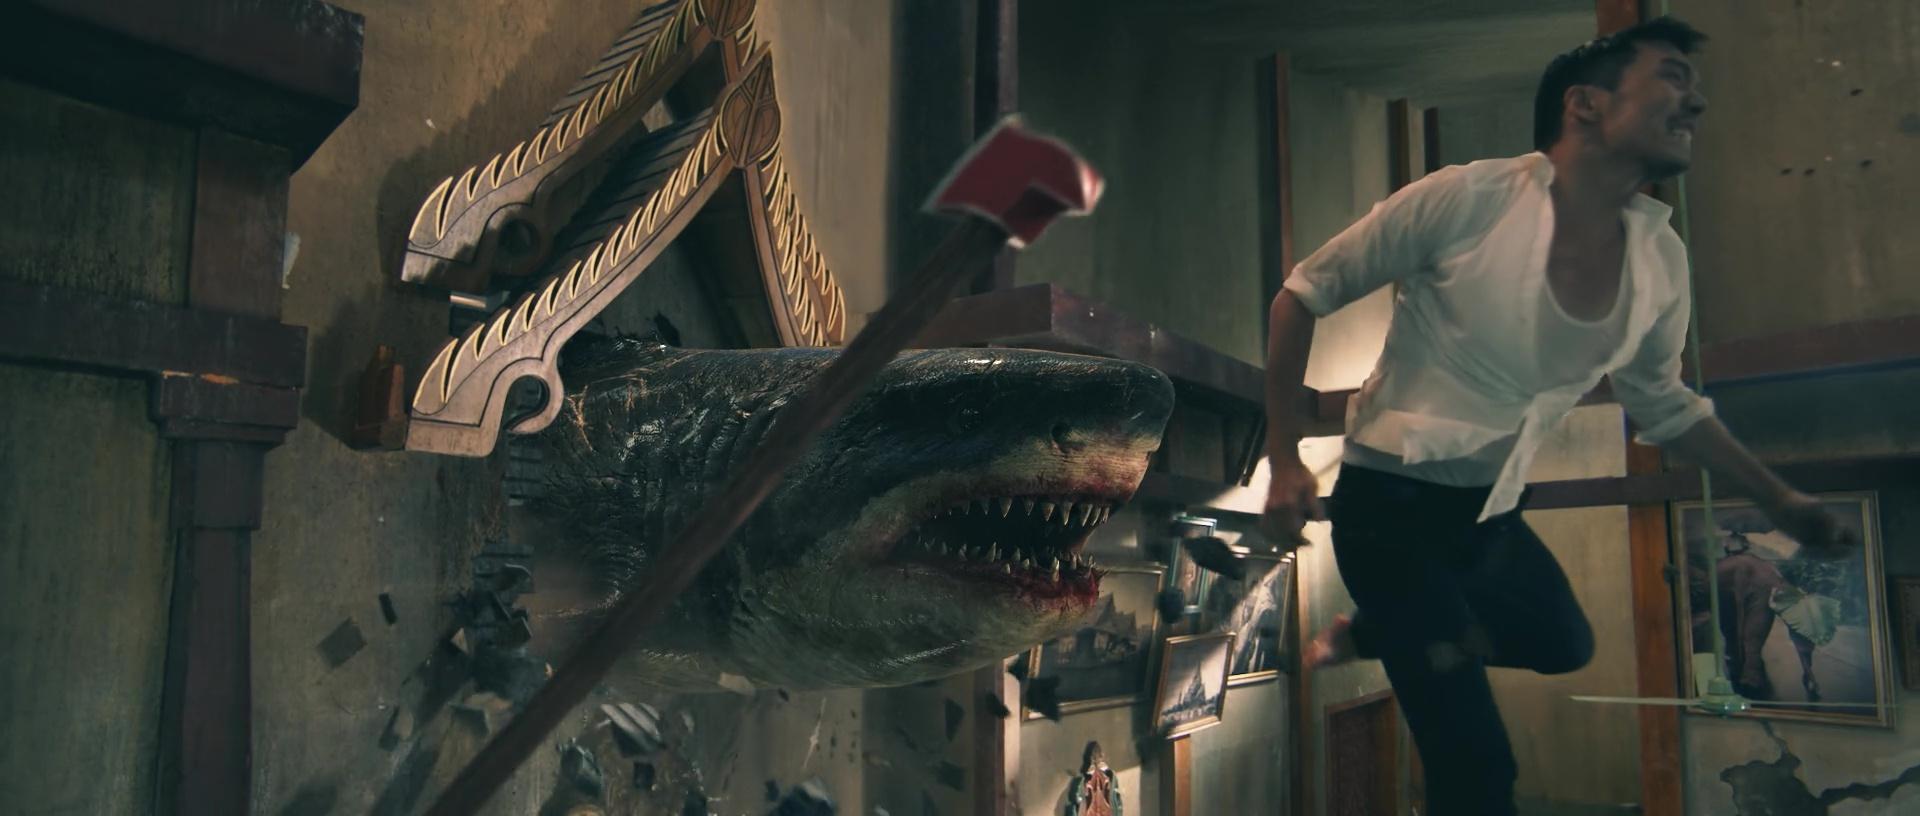 ESCAPE FROM THE SHARK'S MOUTH (鲨口逃生) de Zhu Jiang (2021)